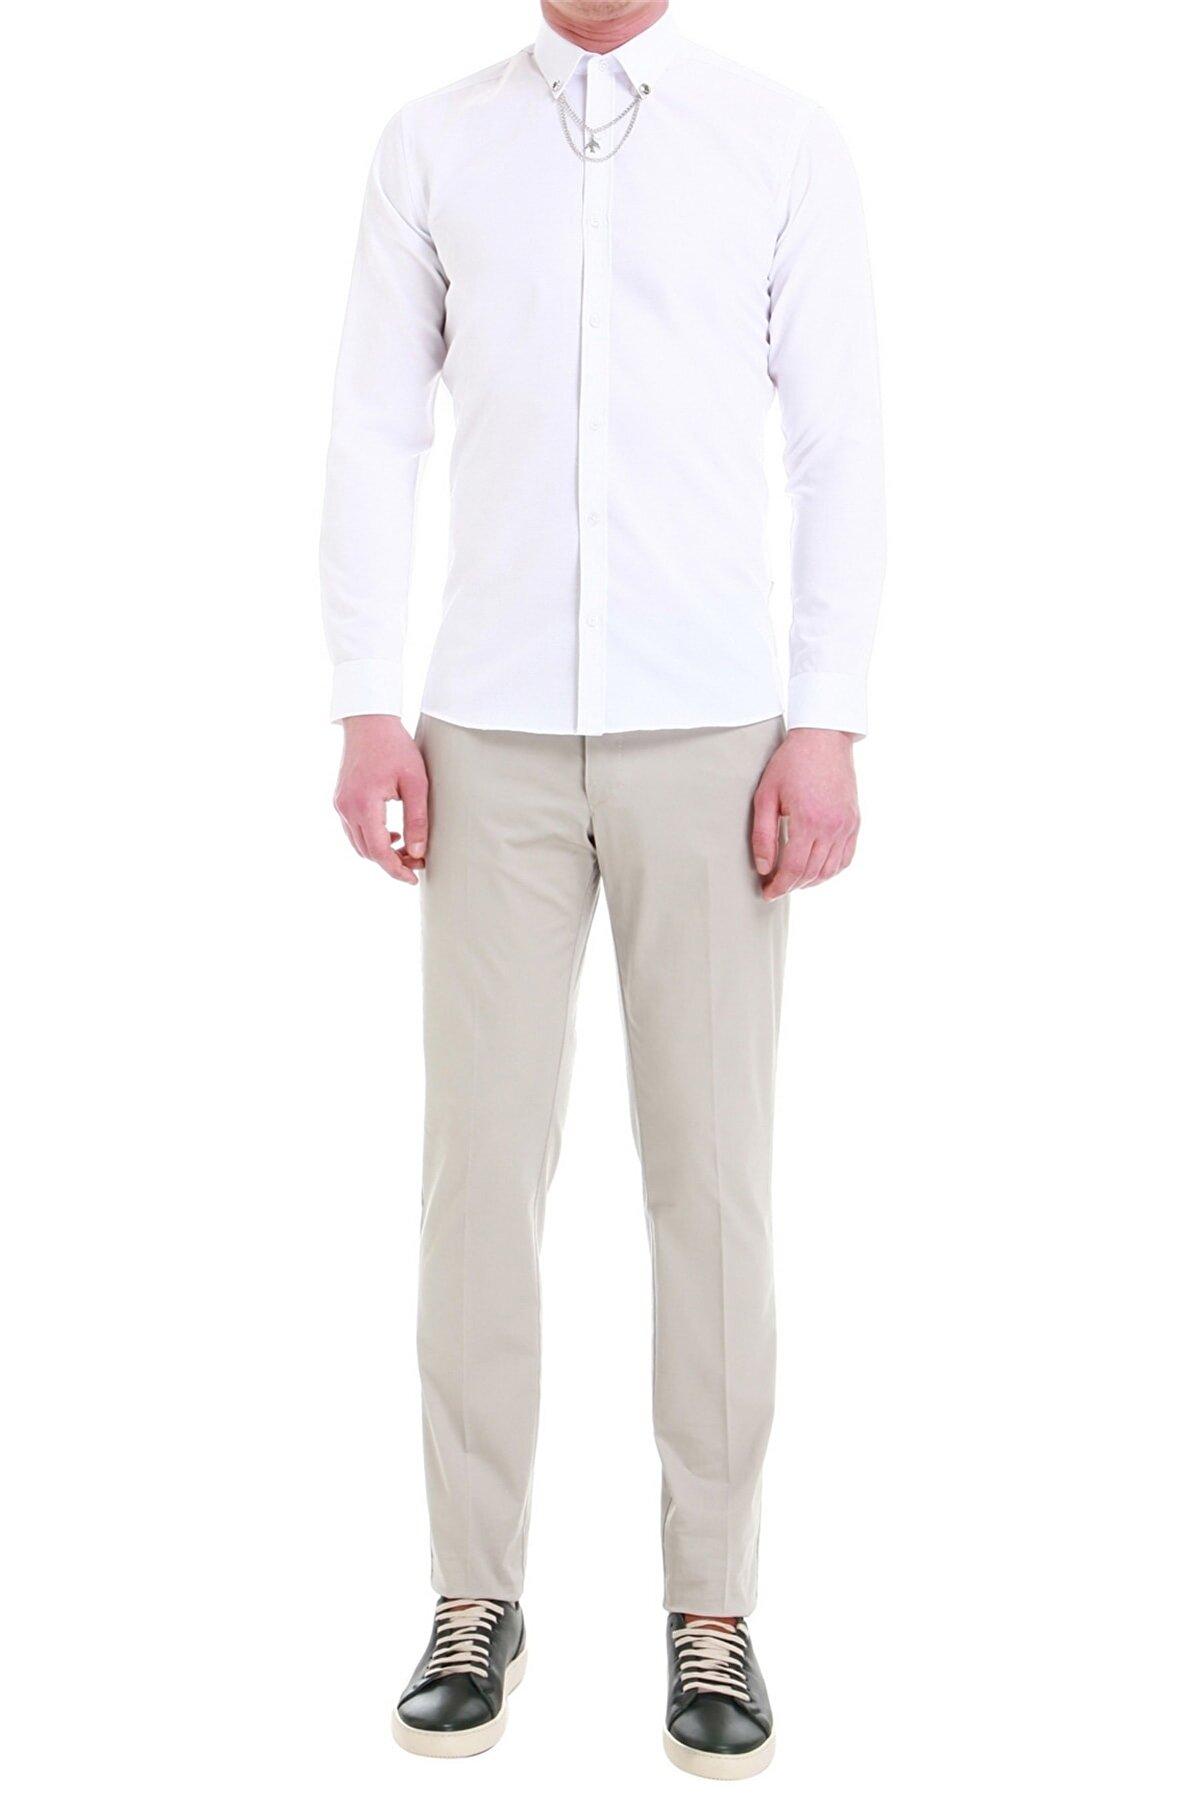 Efor P 1058 Slim Fit Stone Spor Pantolon